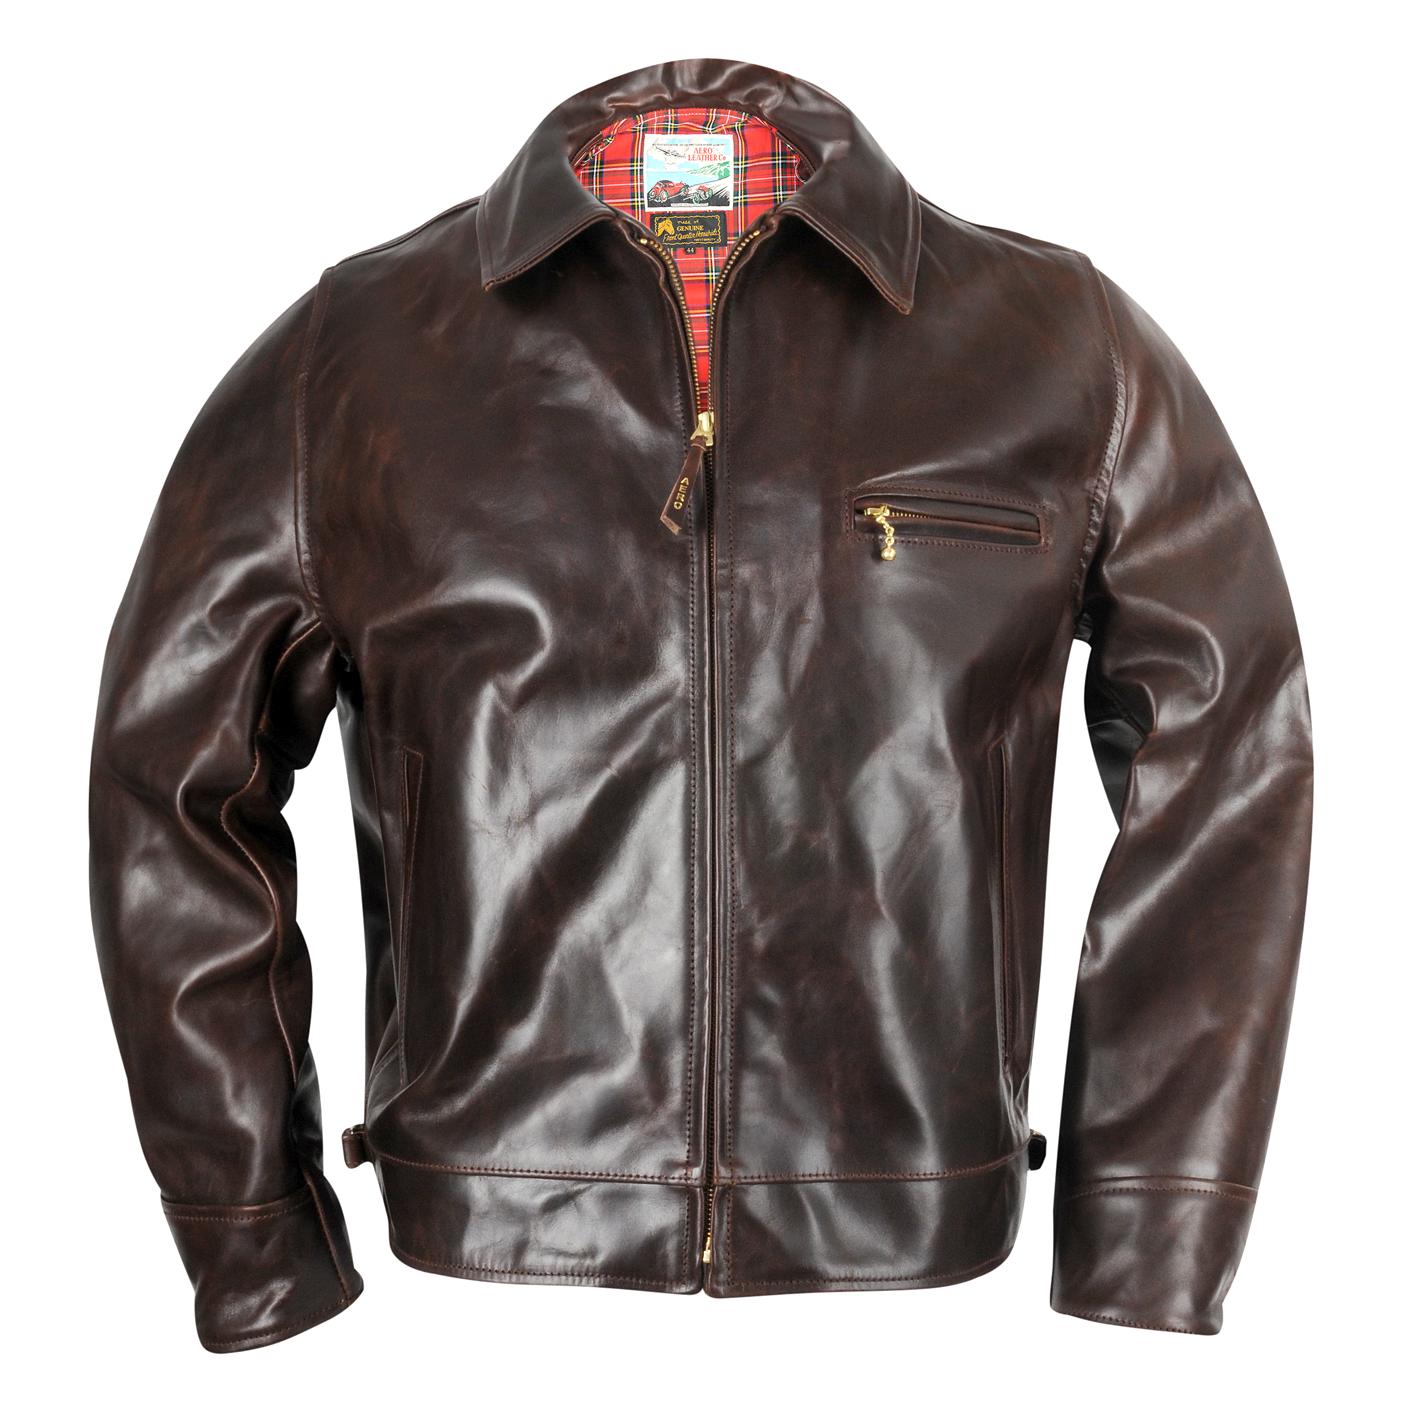 aero leather highwayman das original motorcycle jackets pinterest leder lederjacke und. Black Bedroom Furniture Sets. Home Design Ideas